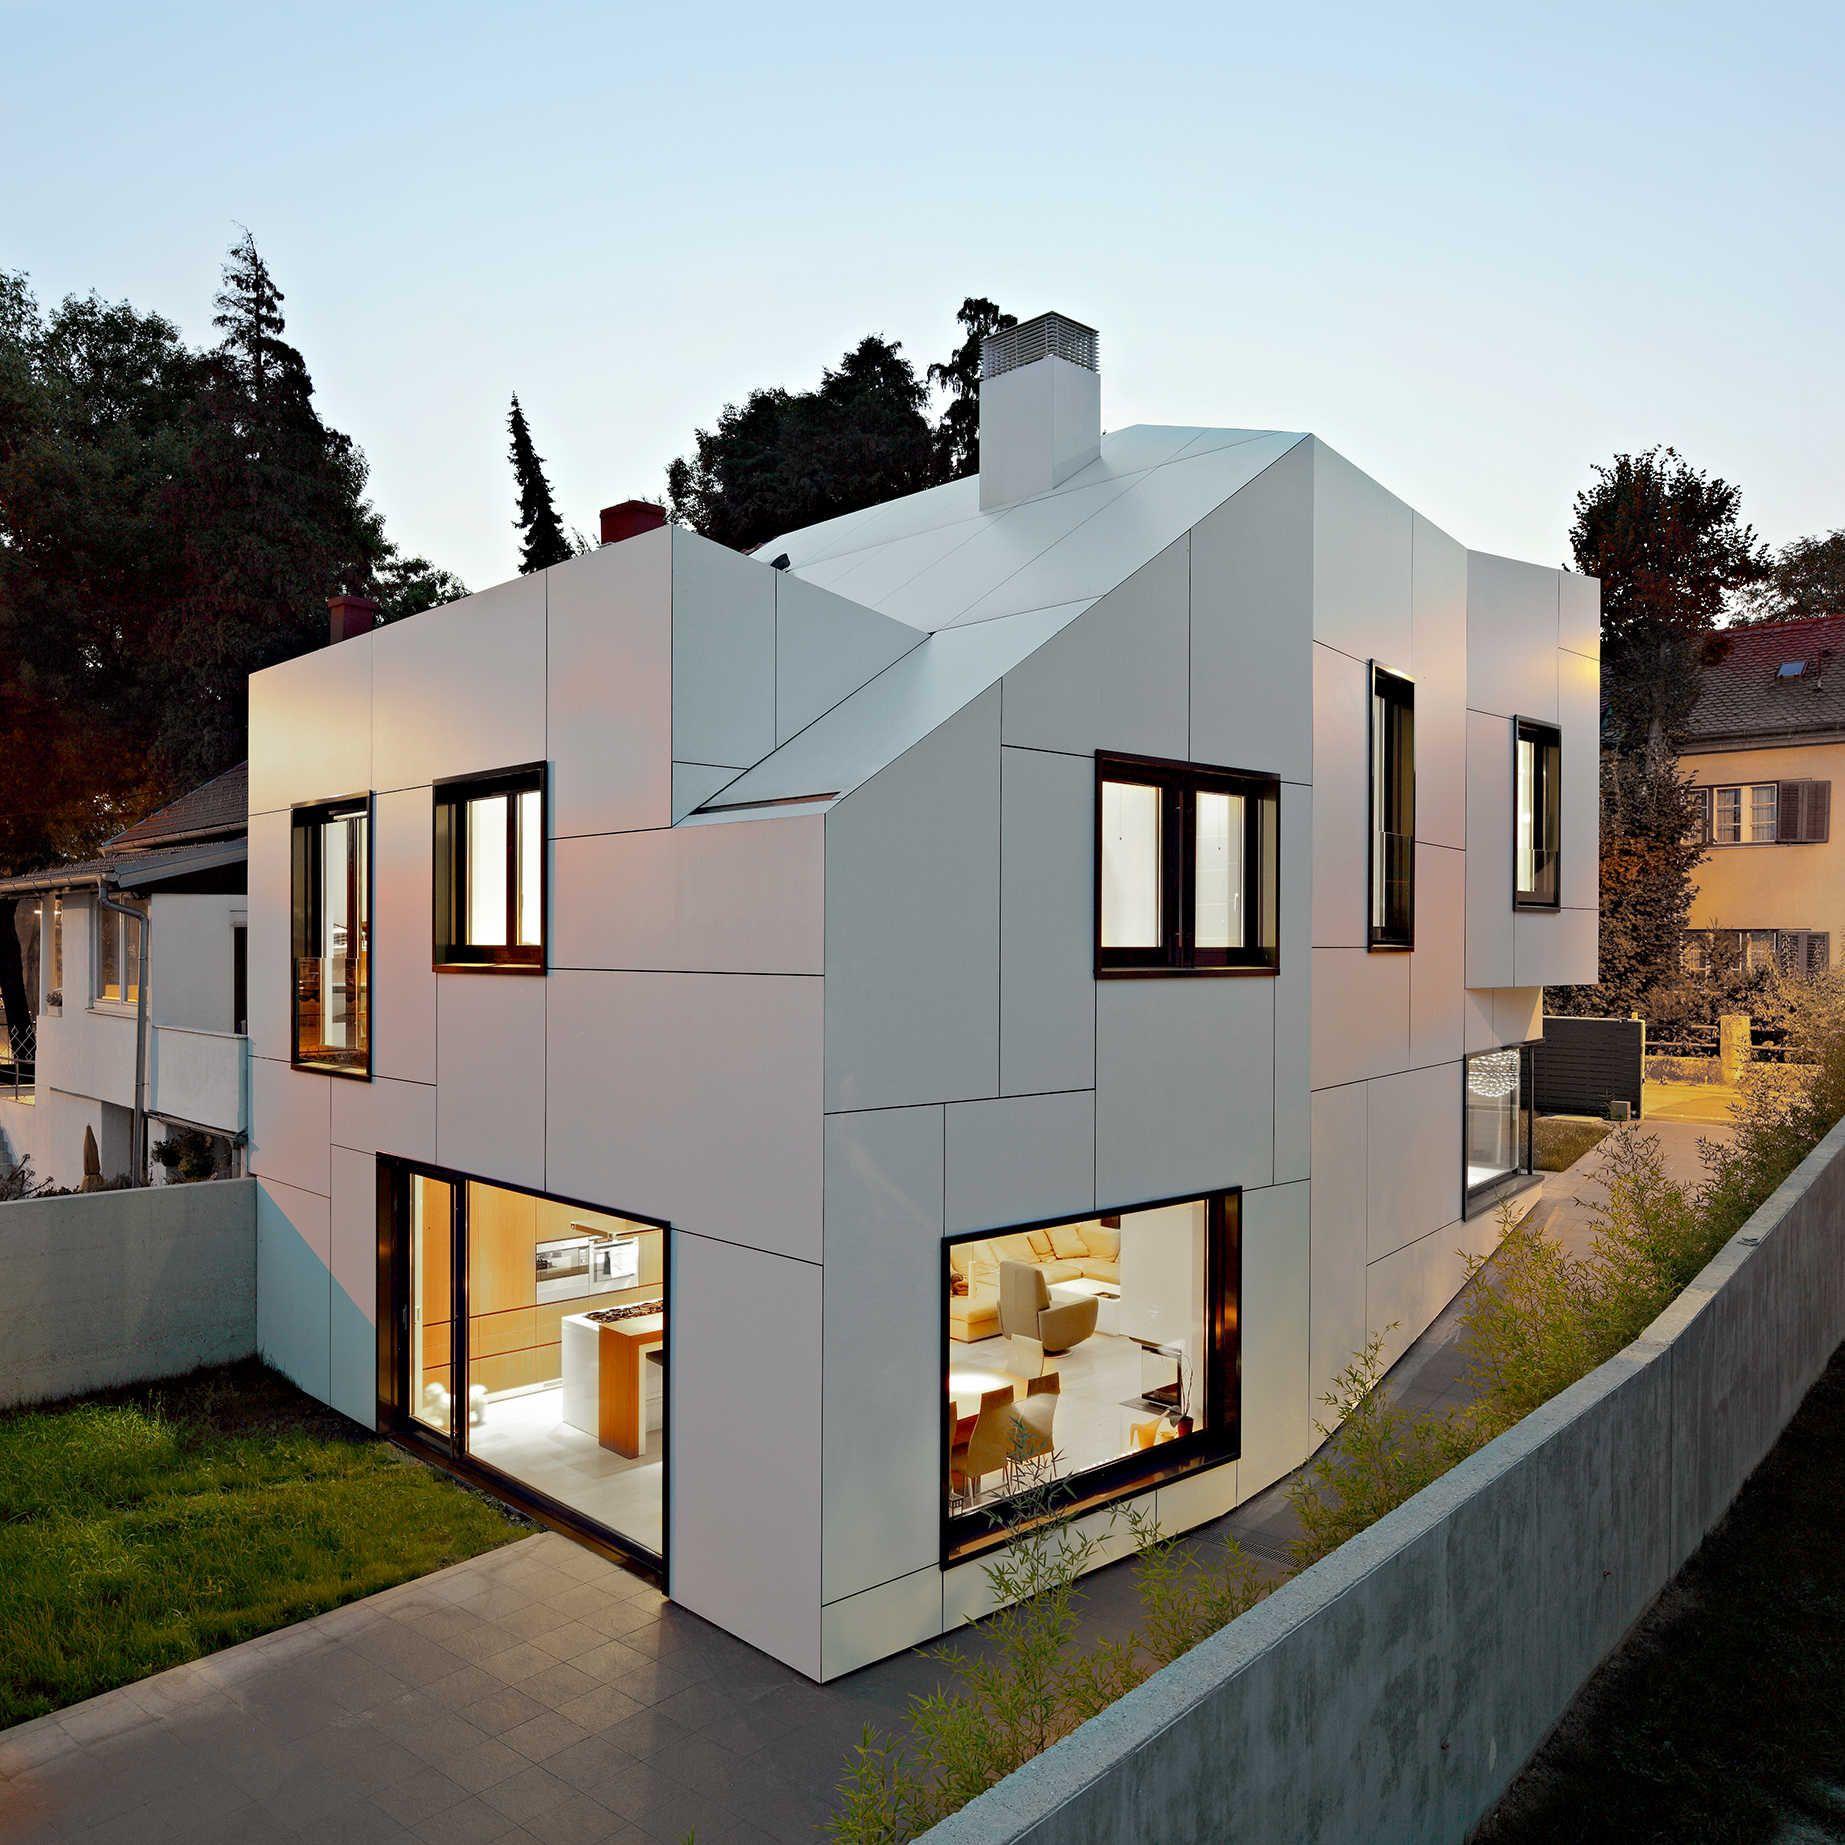 Trespa gevel | Syren - Dächer + Materialien | Pinterest | Moderne ...